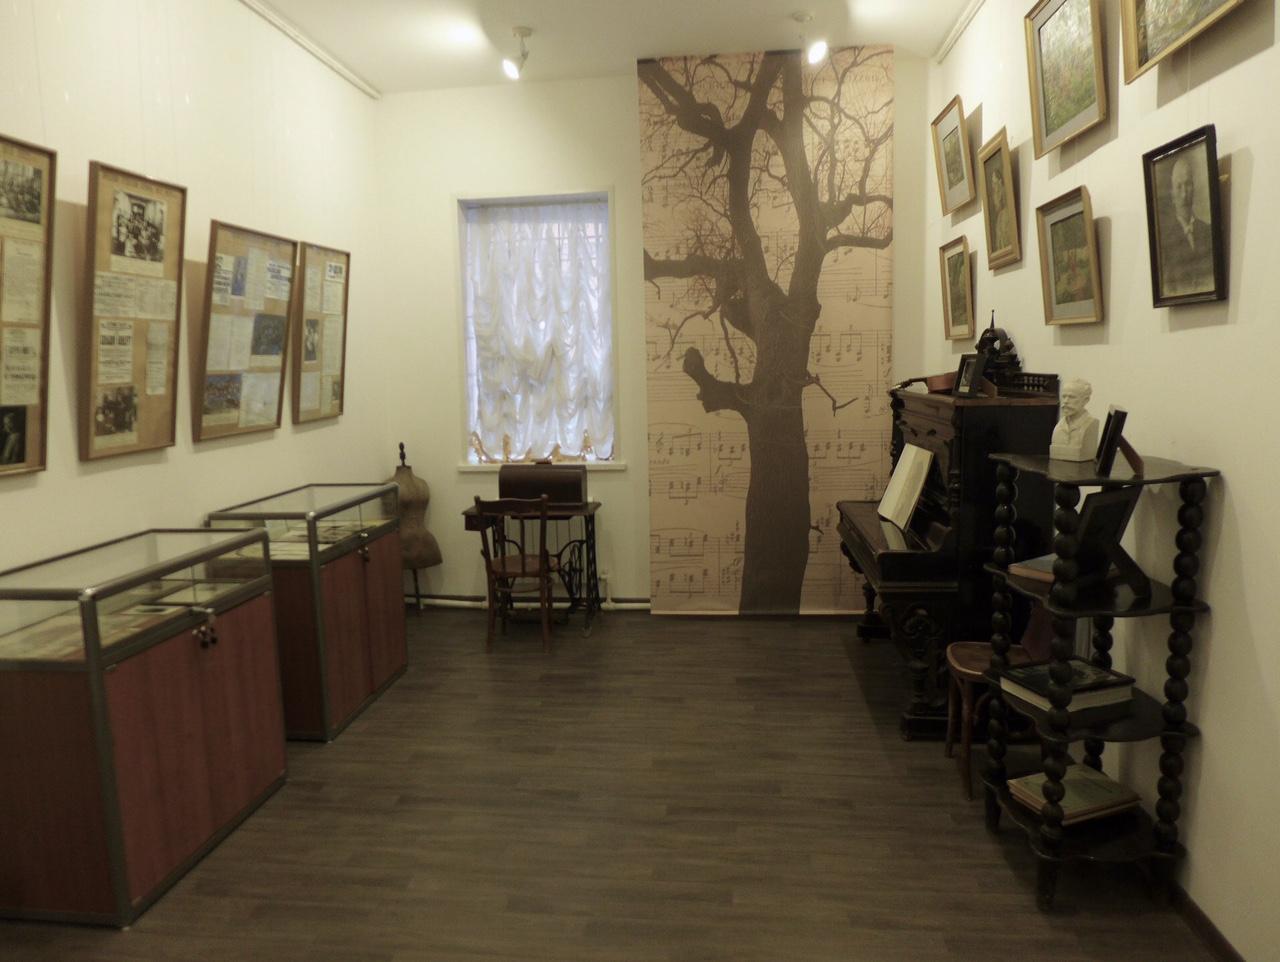 Музей истории музыкальных традиций города Орехово-Зуева